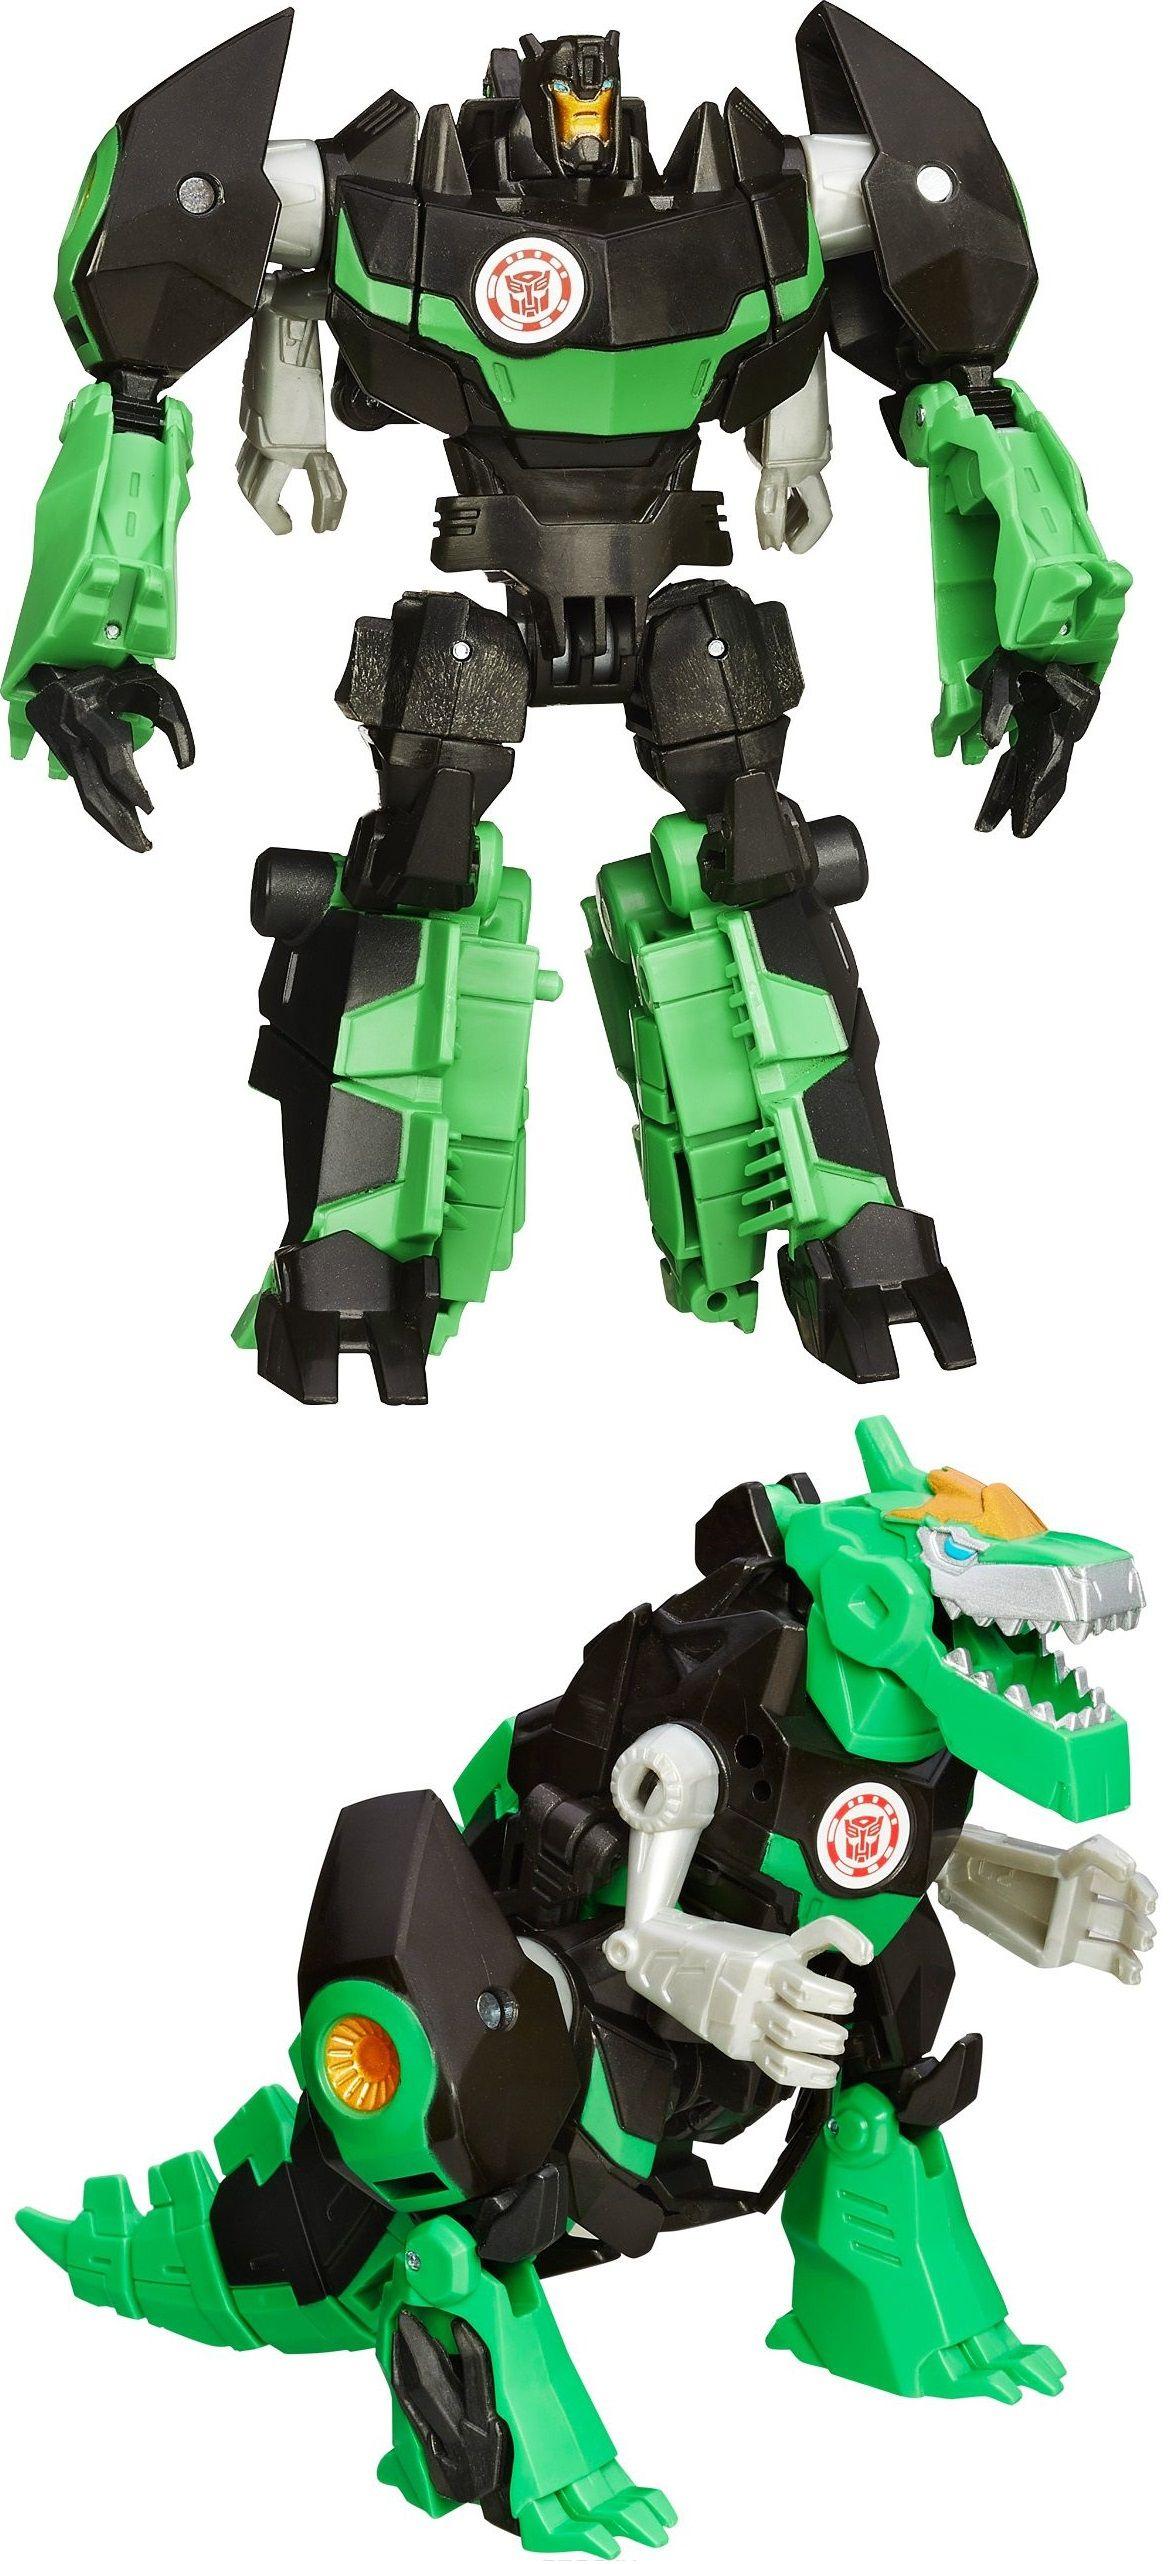 Купить Трансформер Роботы под прикрытием - Воины (Transformers Robots in Disguise - Warrior Class), Hasbro, Transformers (Трансформеры)